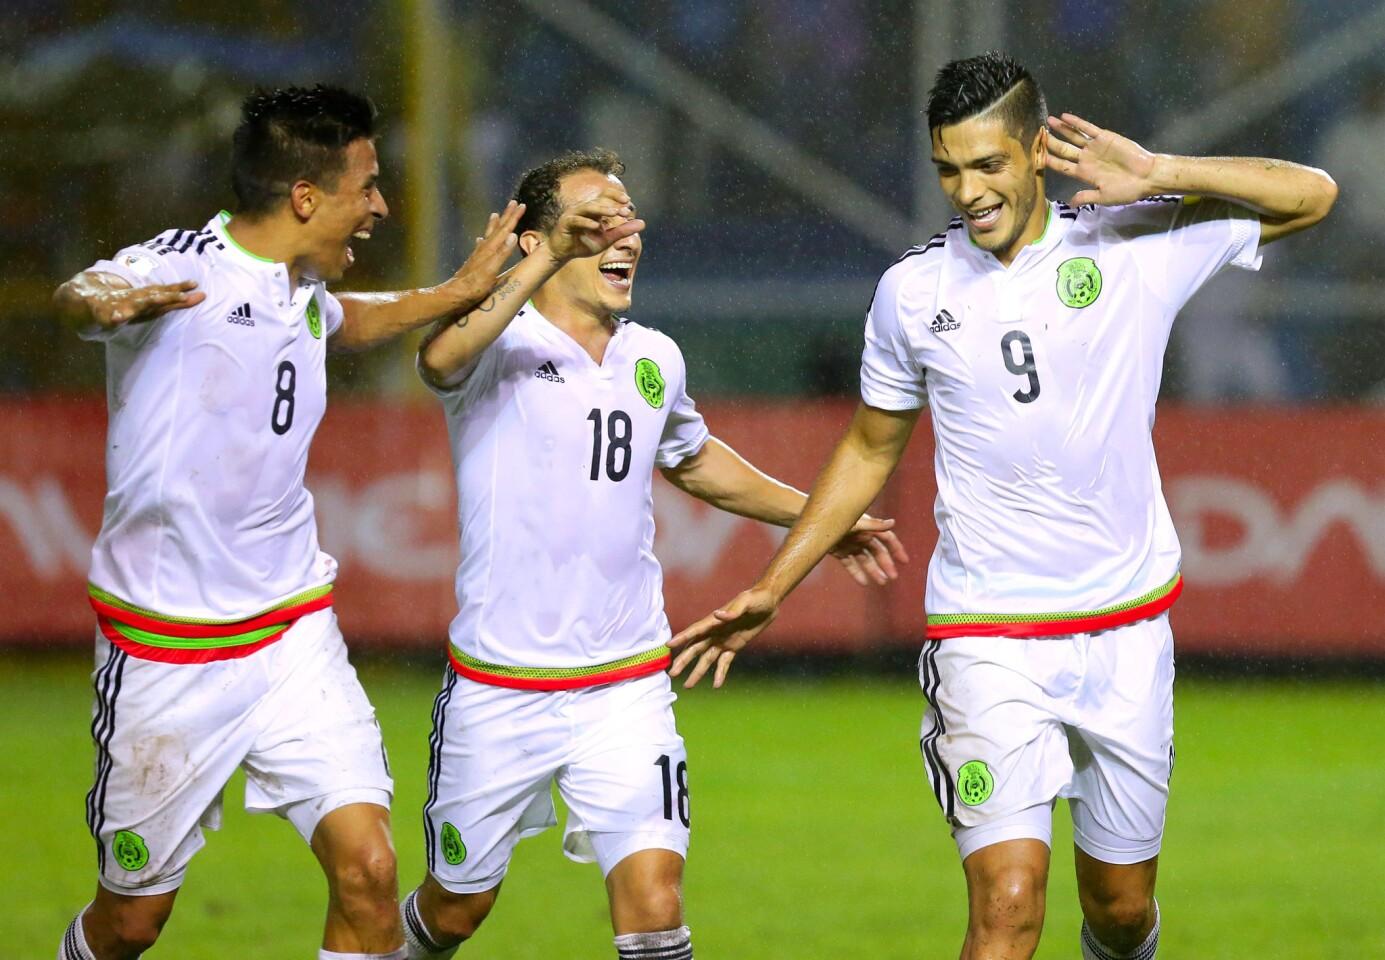 El mexicano Rafael Jiménez (d) celebra con sus compañeros su gol contra El Salvador, en partido de las eliminatorias para el Mundial de Rusia 2018 en el Estadio Cuscatlán, en San Salvador (El Salvador).